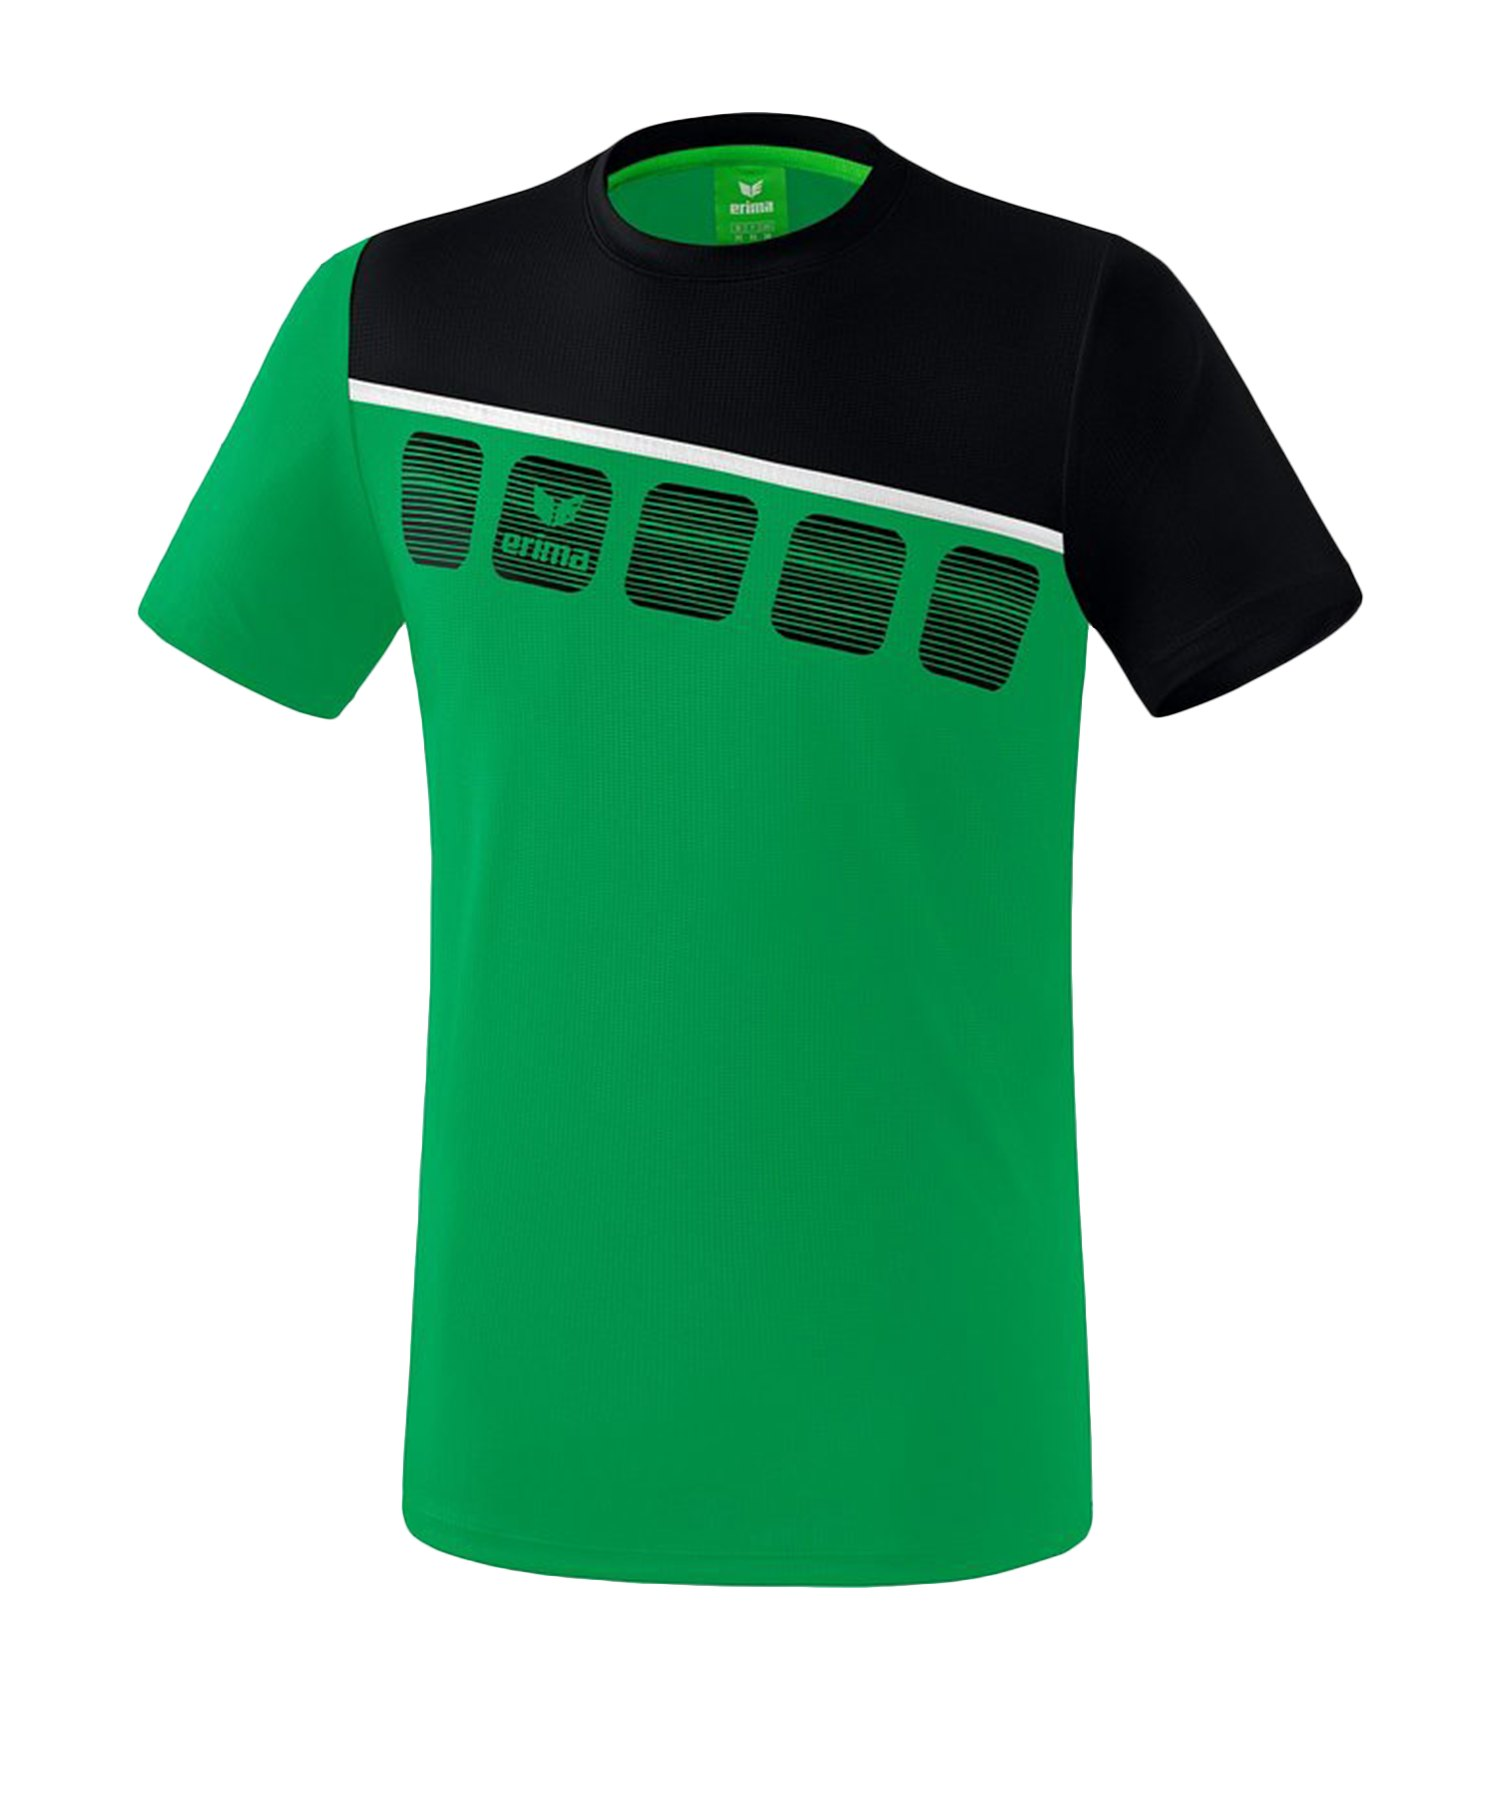 Erima 5-C T-Shirt Grün Schwarz - Gruen